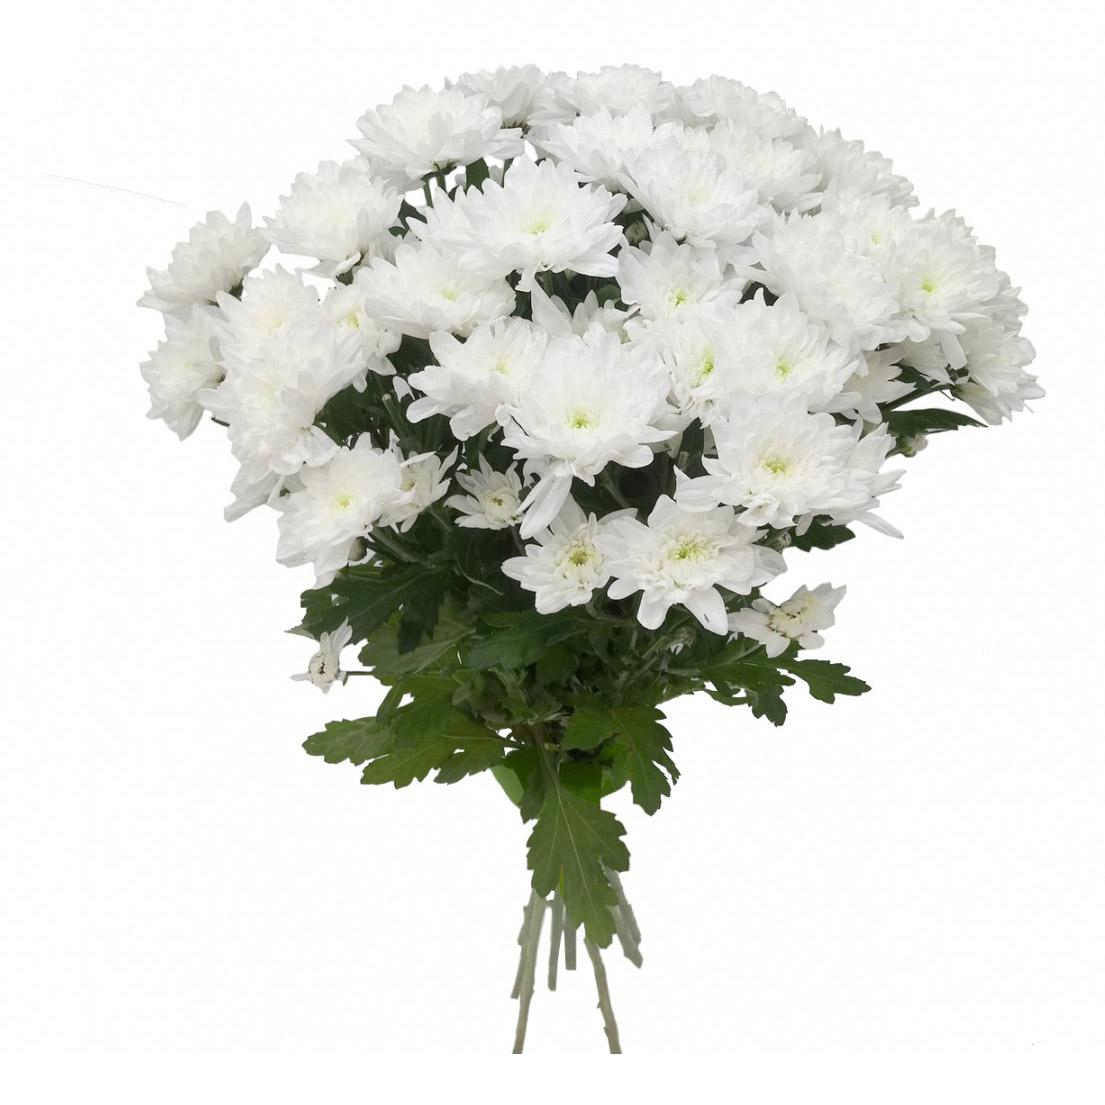 книжка настоящий букет из белых хризантем фото ним